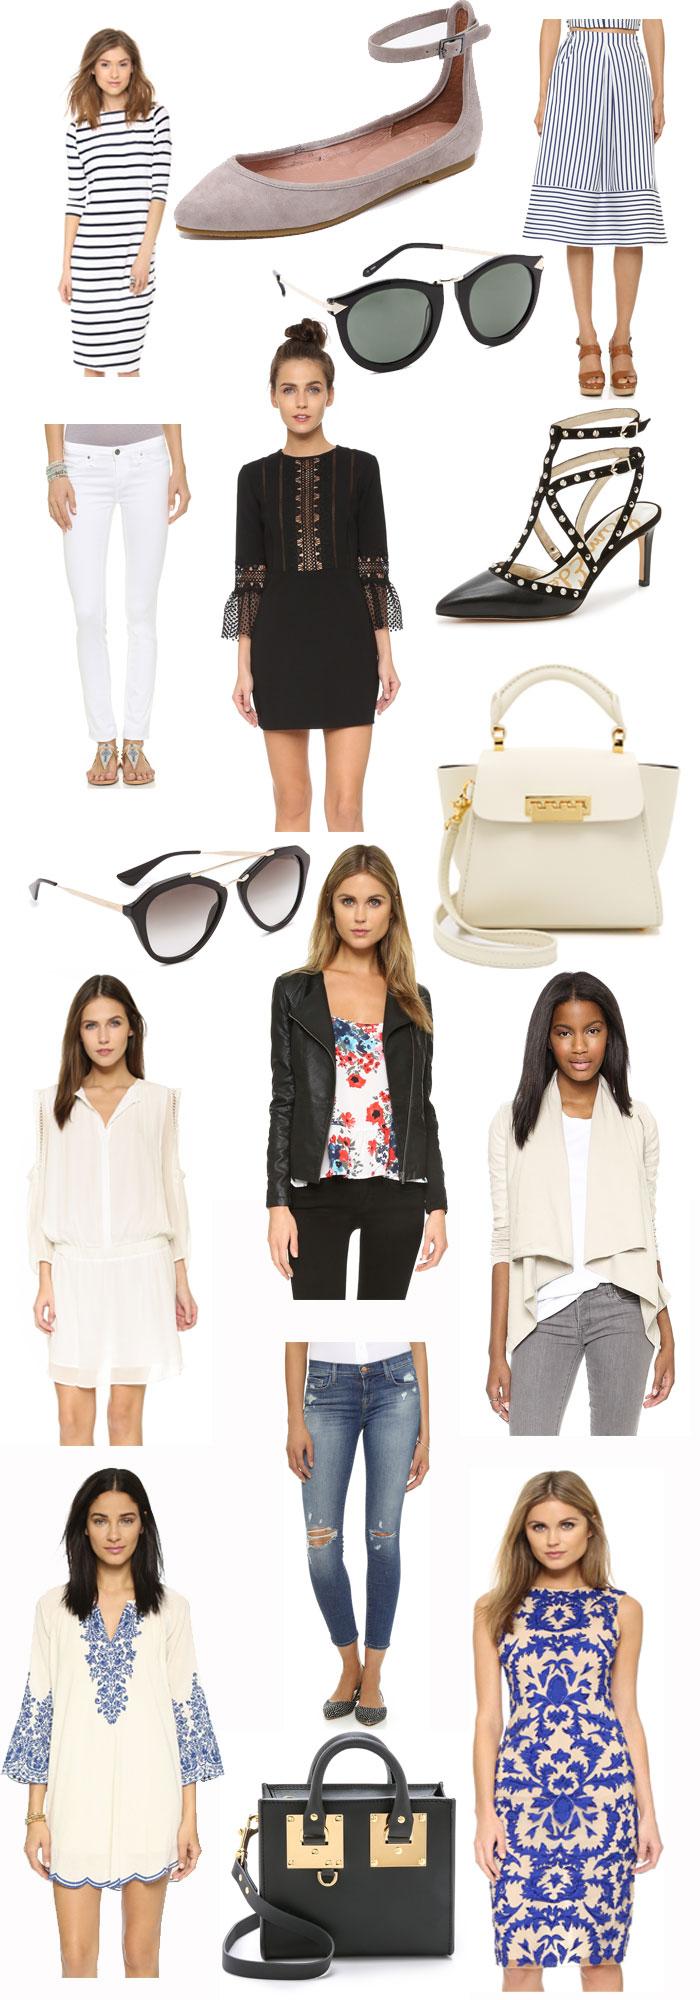 ShopBop-Sale, sale, shop bop.com, spring sale